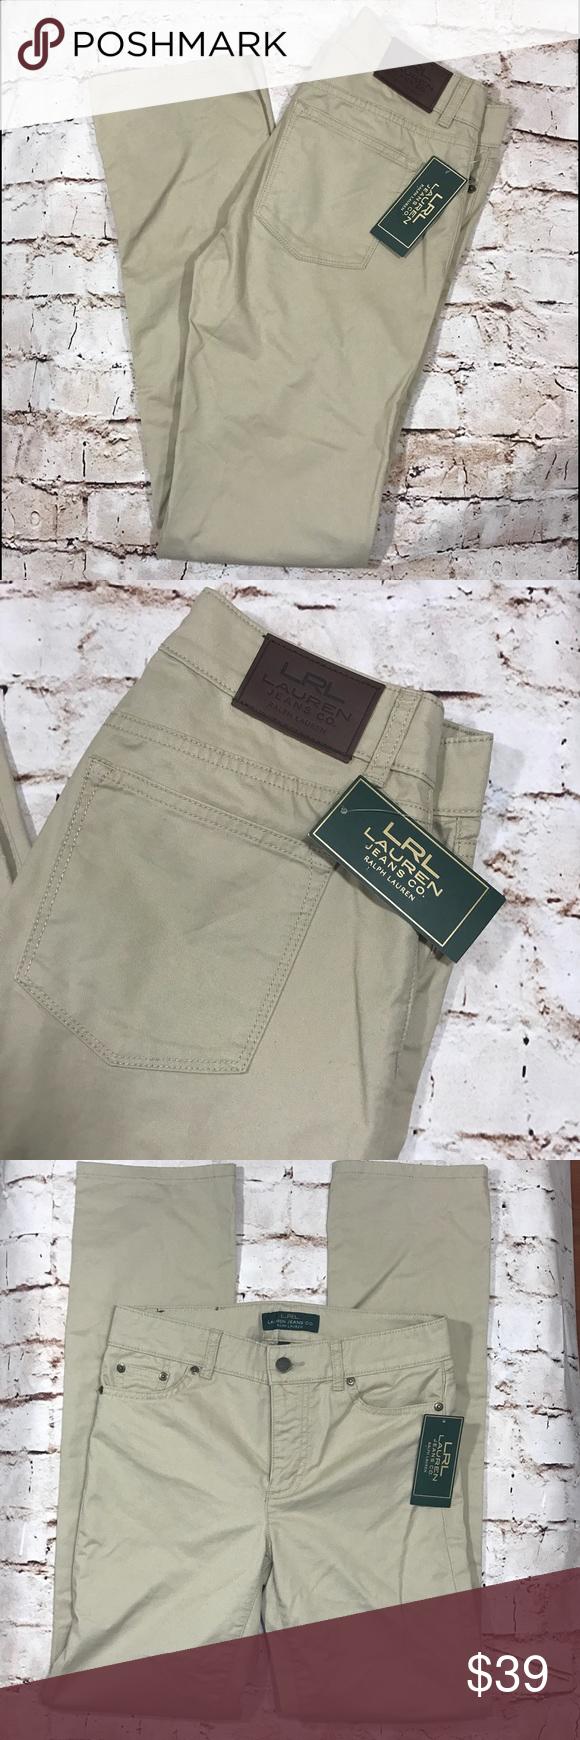 """Lauren Ralph Lauren- Straight Khaki Pants Straight khaki pants by Lauren Ralph Lauren. Inseam is 31"""". Open to all reasonable offers. Lauren Ralph Lauren Pants Straight Leg"""